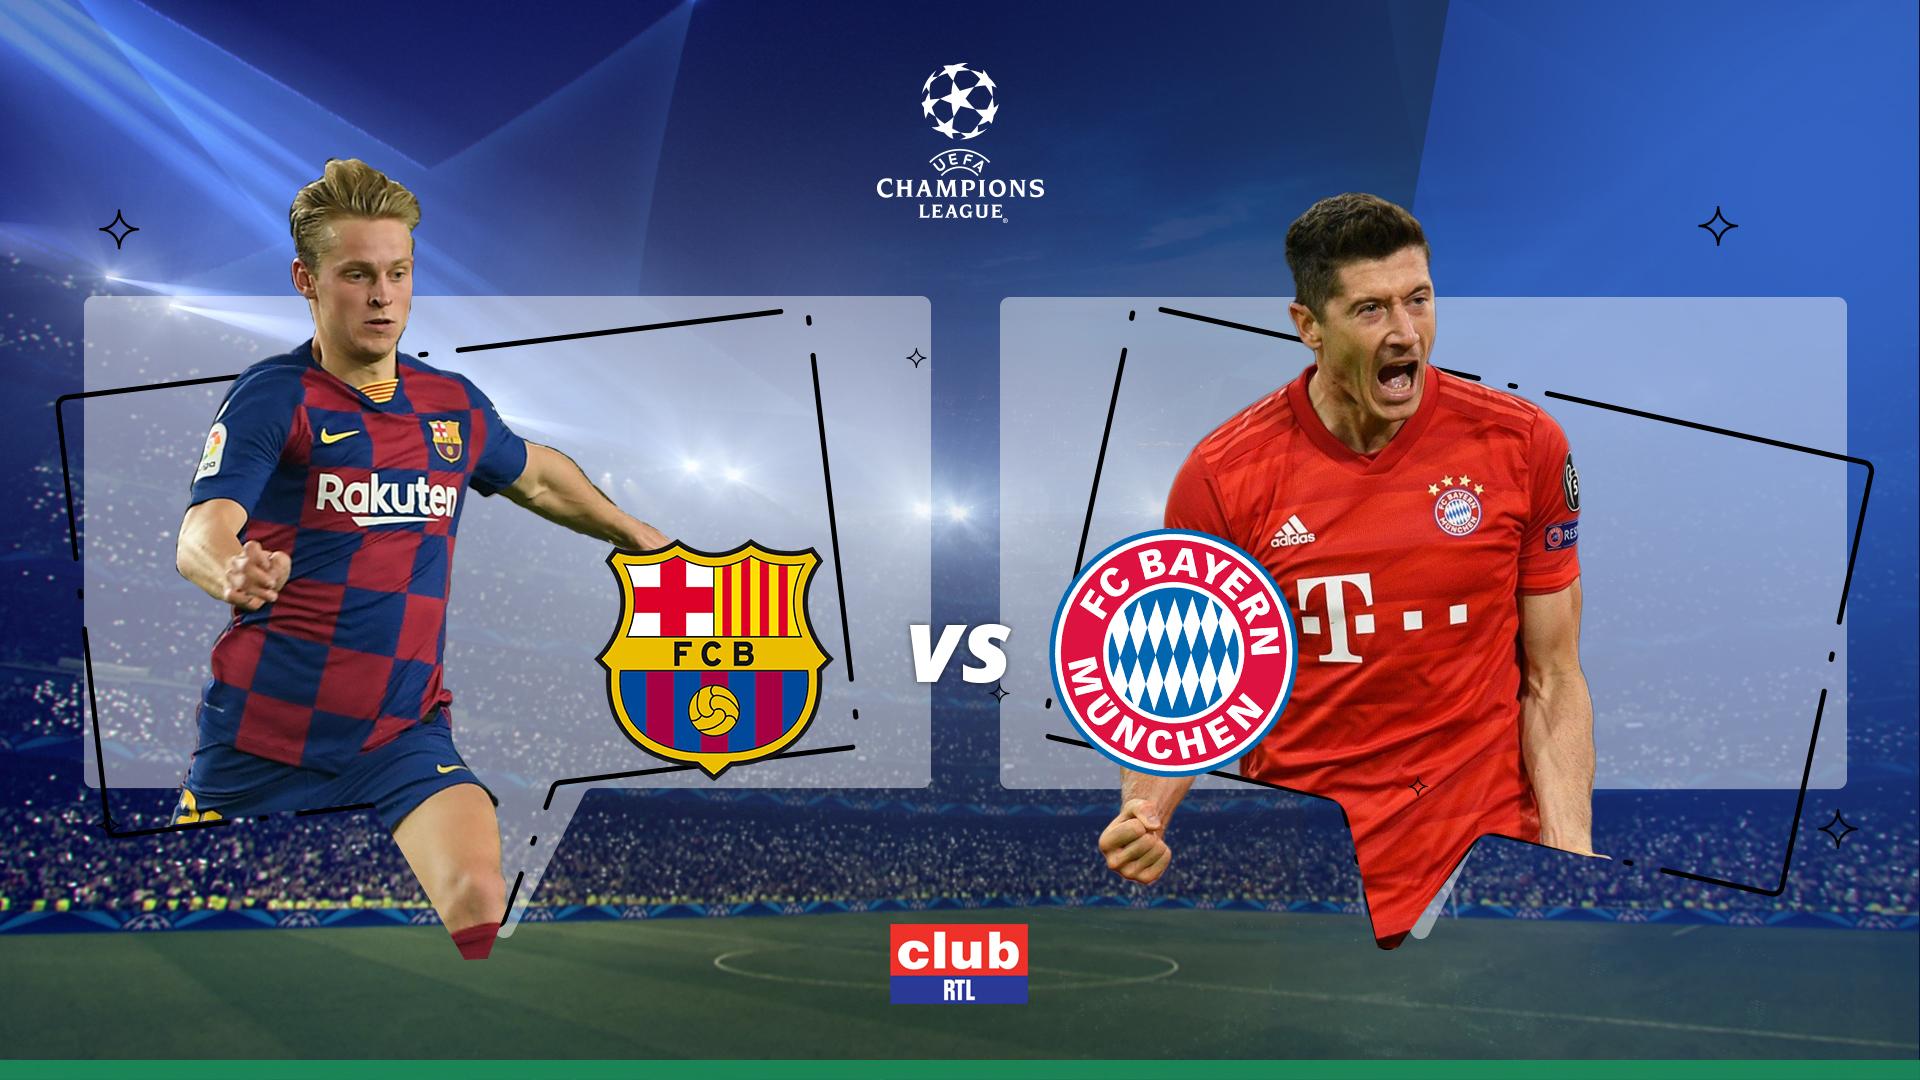 Ligue des Champions :Suivez la rencontre Barcelone - Bayern Munich en direct